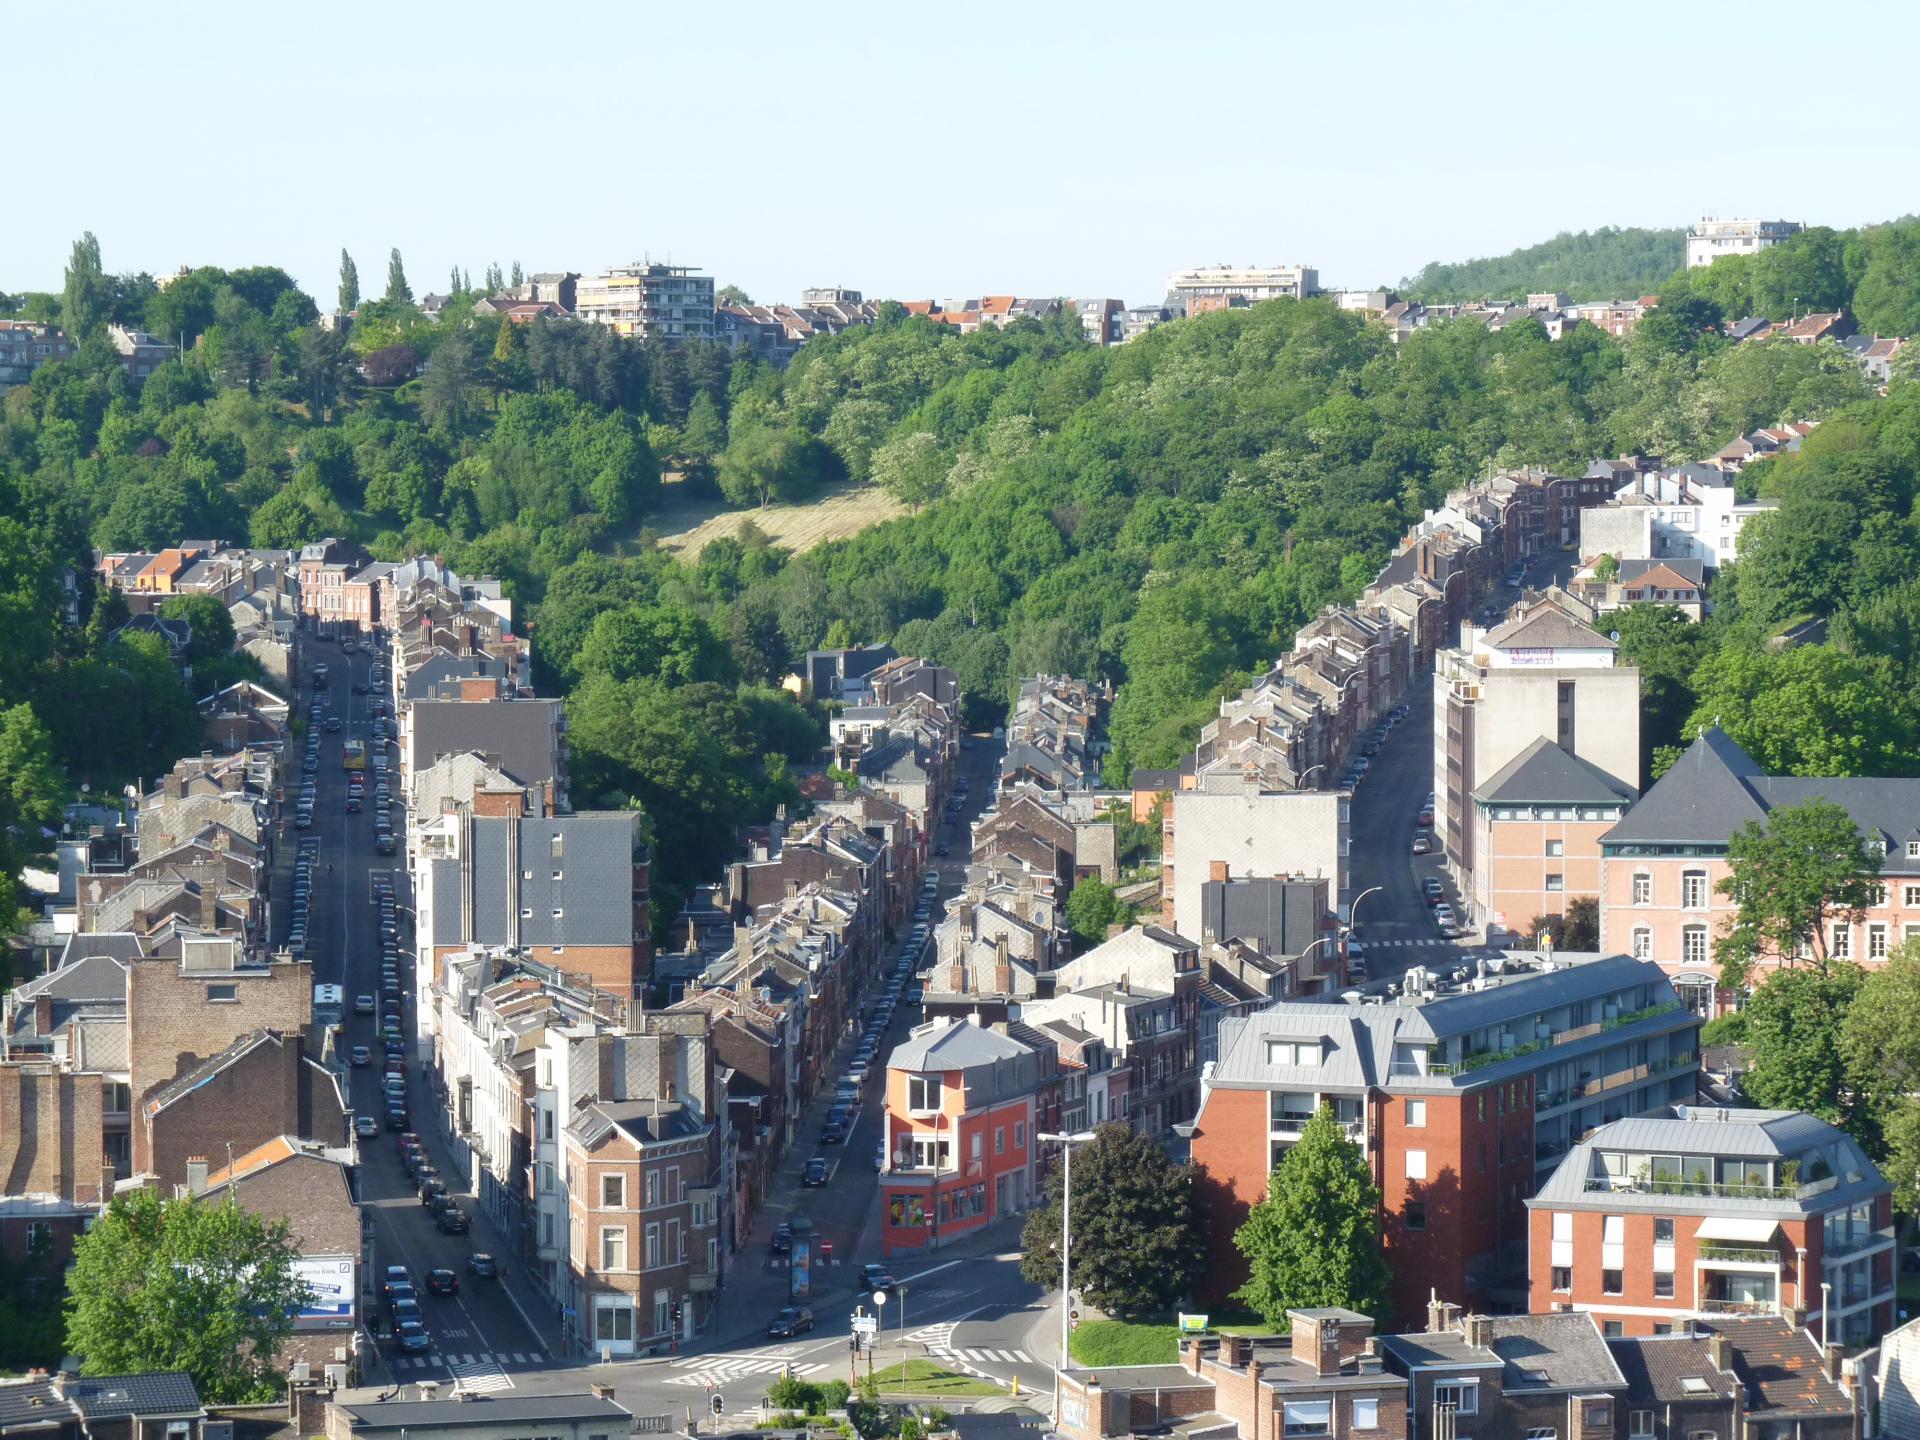 Rues de Campine, Fond Pirette et Montagne Ste-Walburge